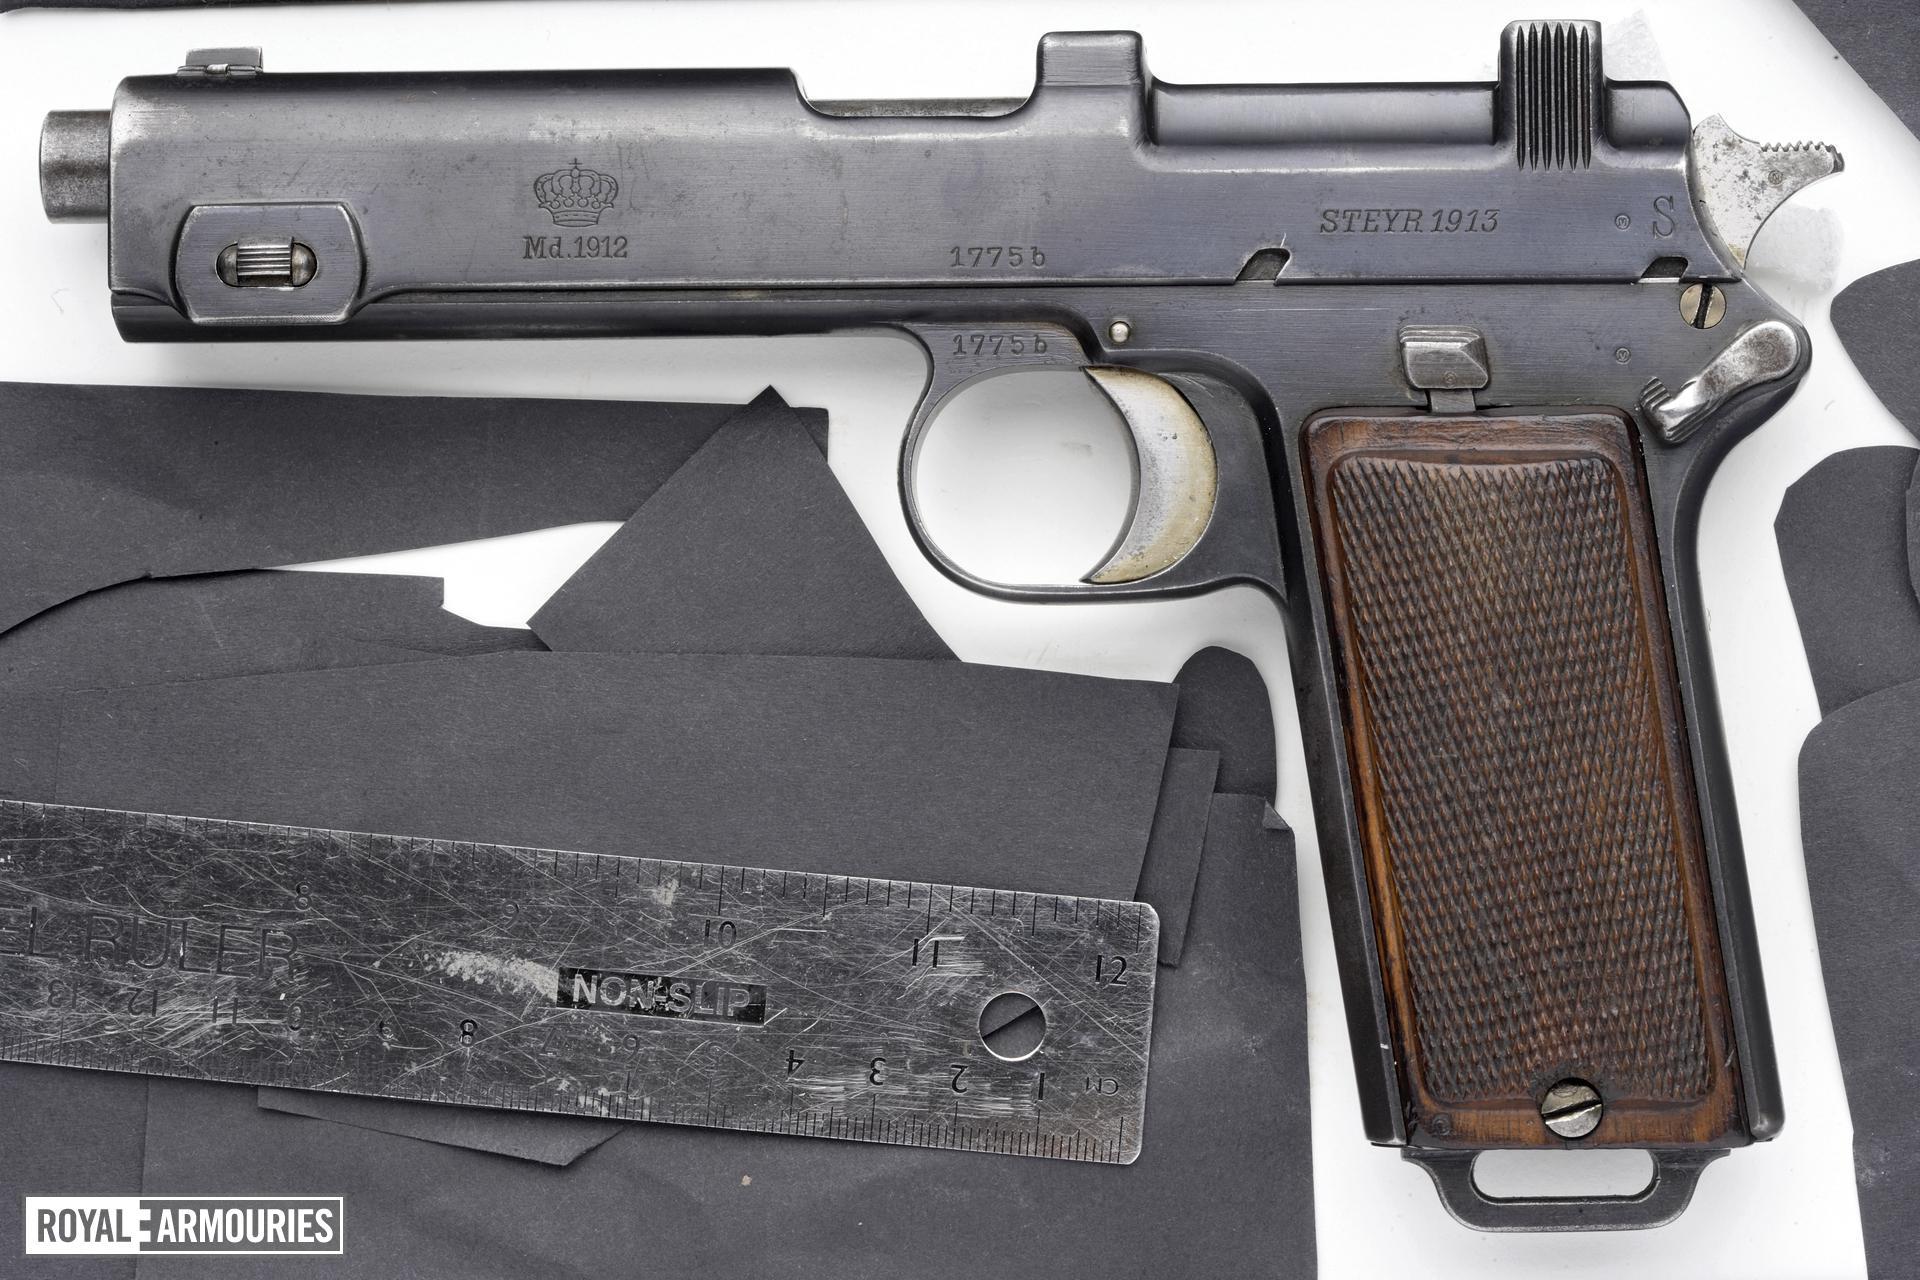 Centrefire self-loading pistol - Steyr Hahn Model 1912